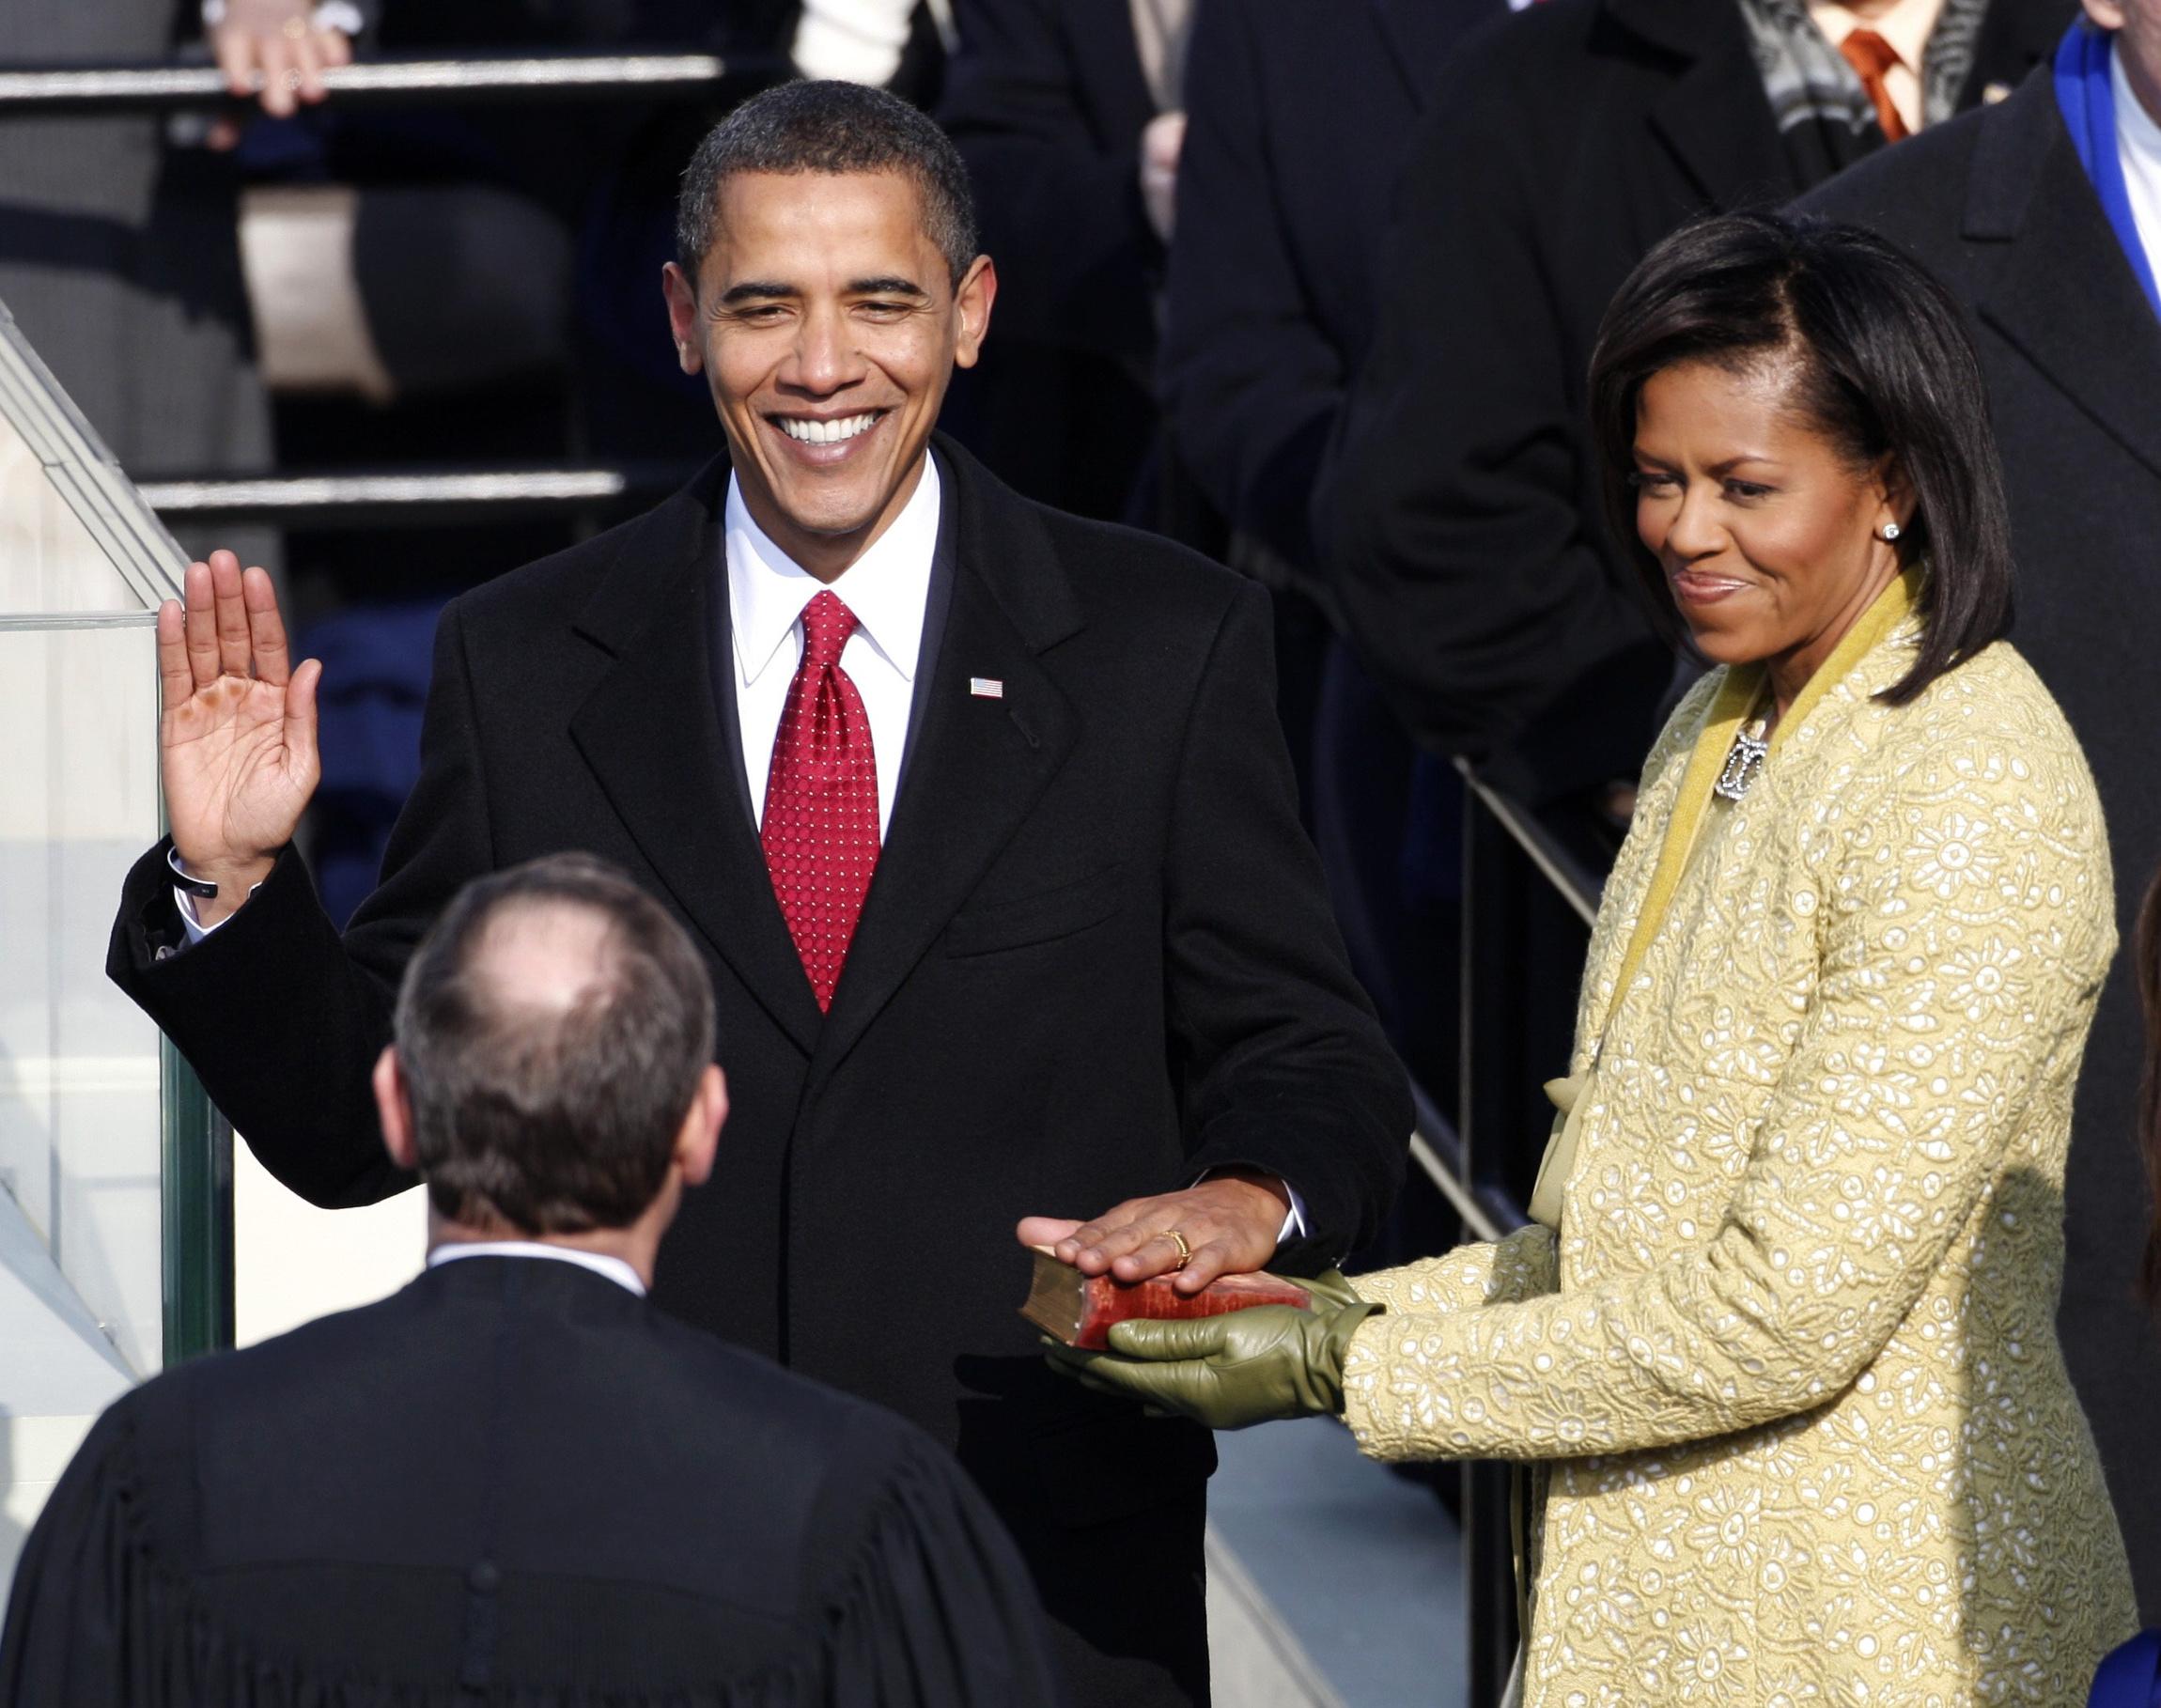 Obama swearing in コストコで聖書を「フィクション」と分類して騒動に。背景に見える現代における聖書の位置づけ。